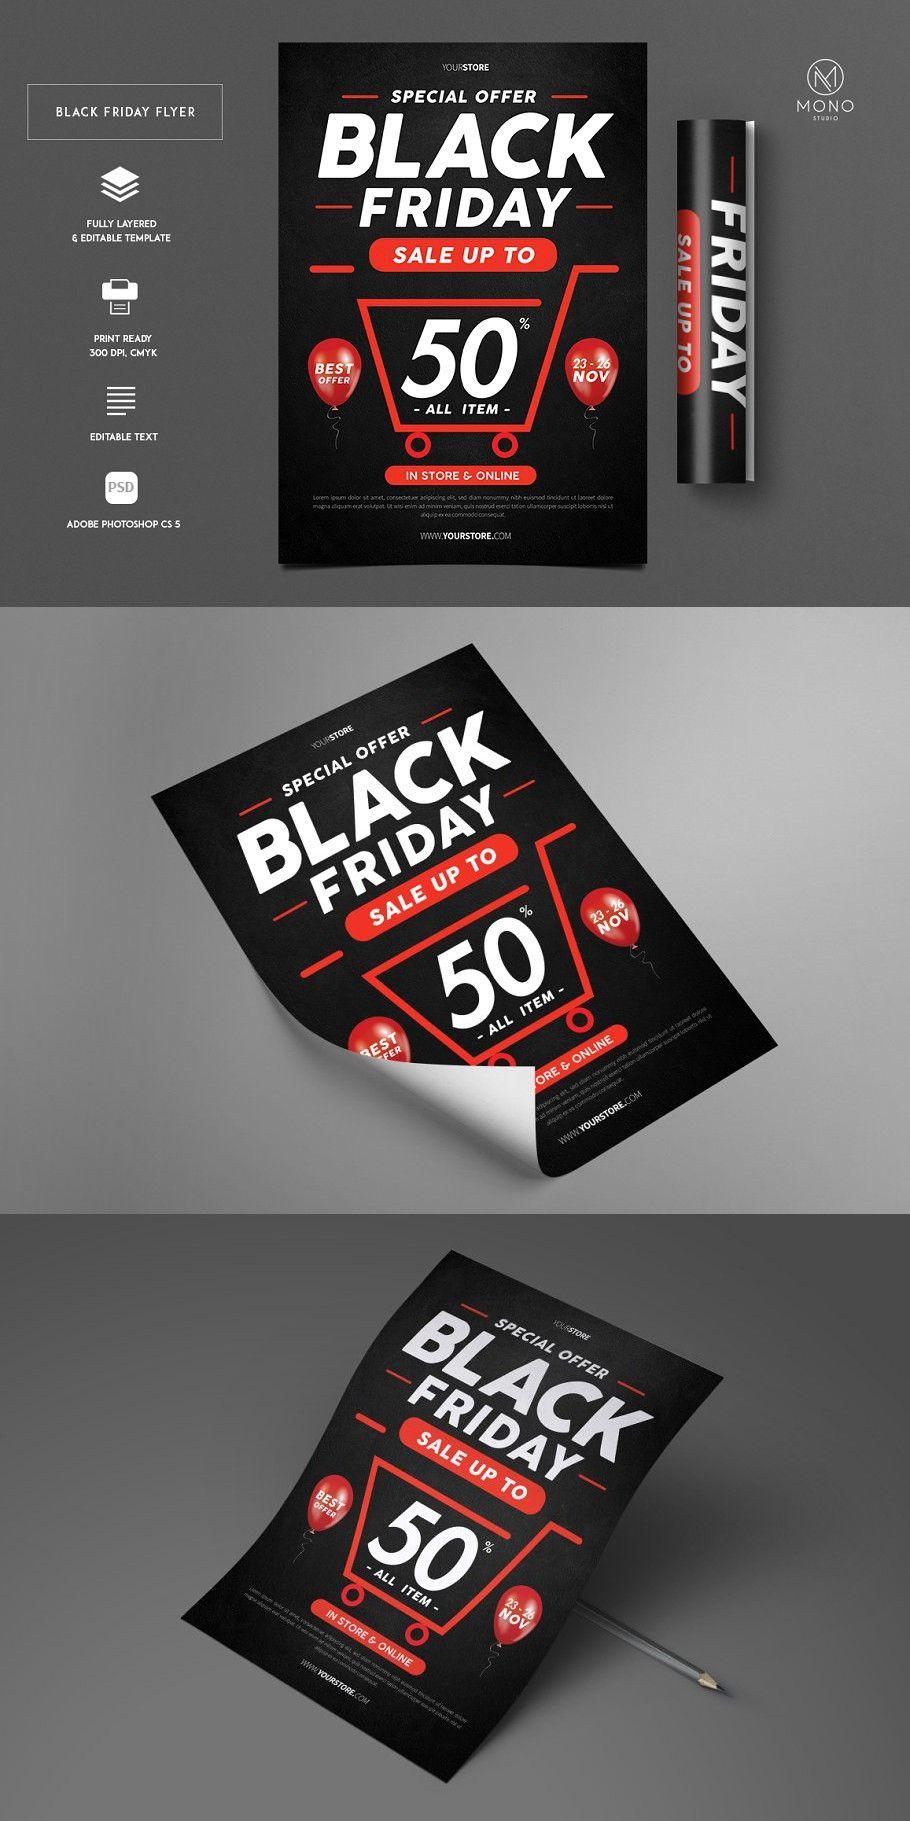 Black Friday Sale Flyer In 2020 Black Friday Sale Flyer Black Friday Sale Sale Flyer